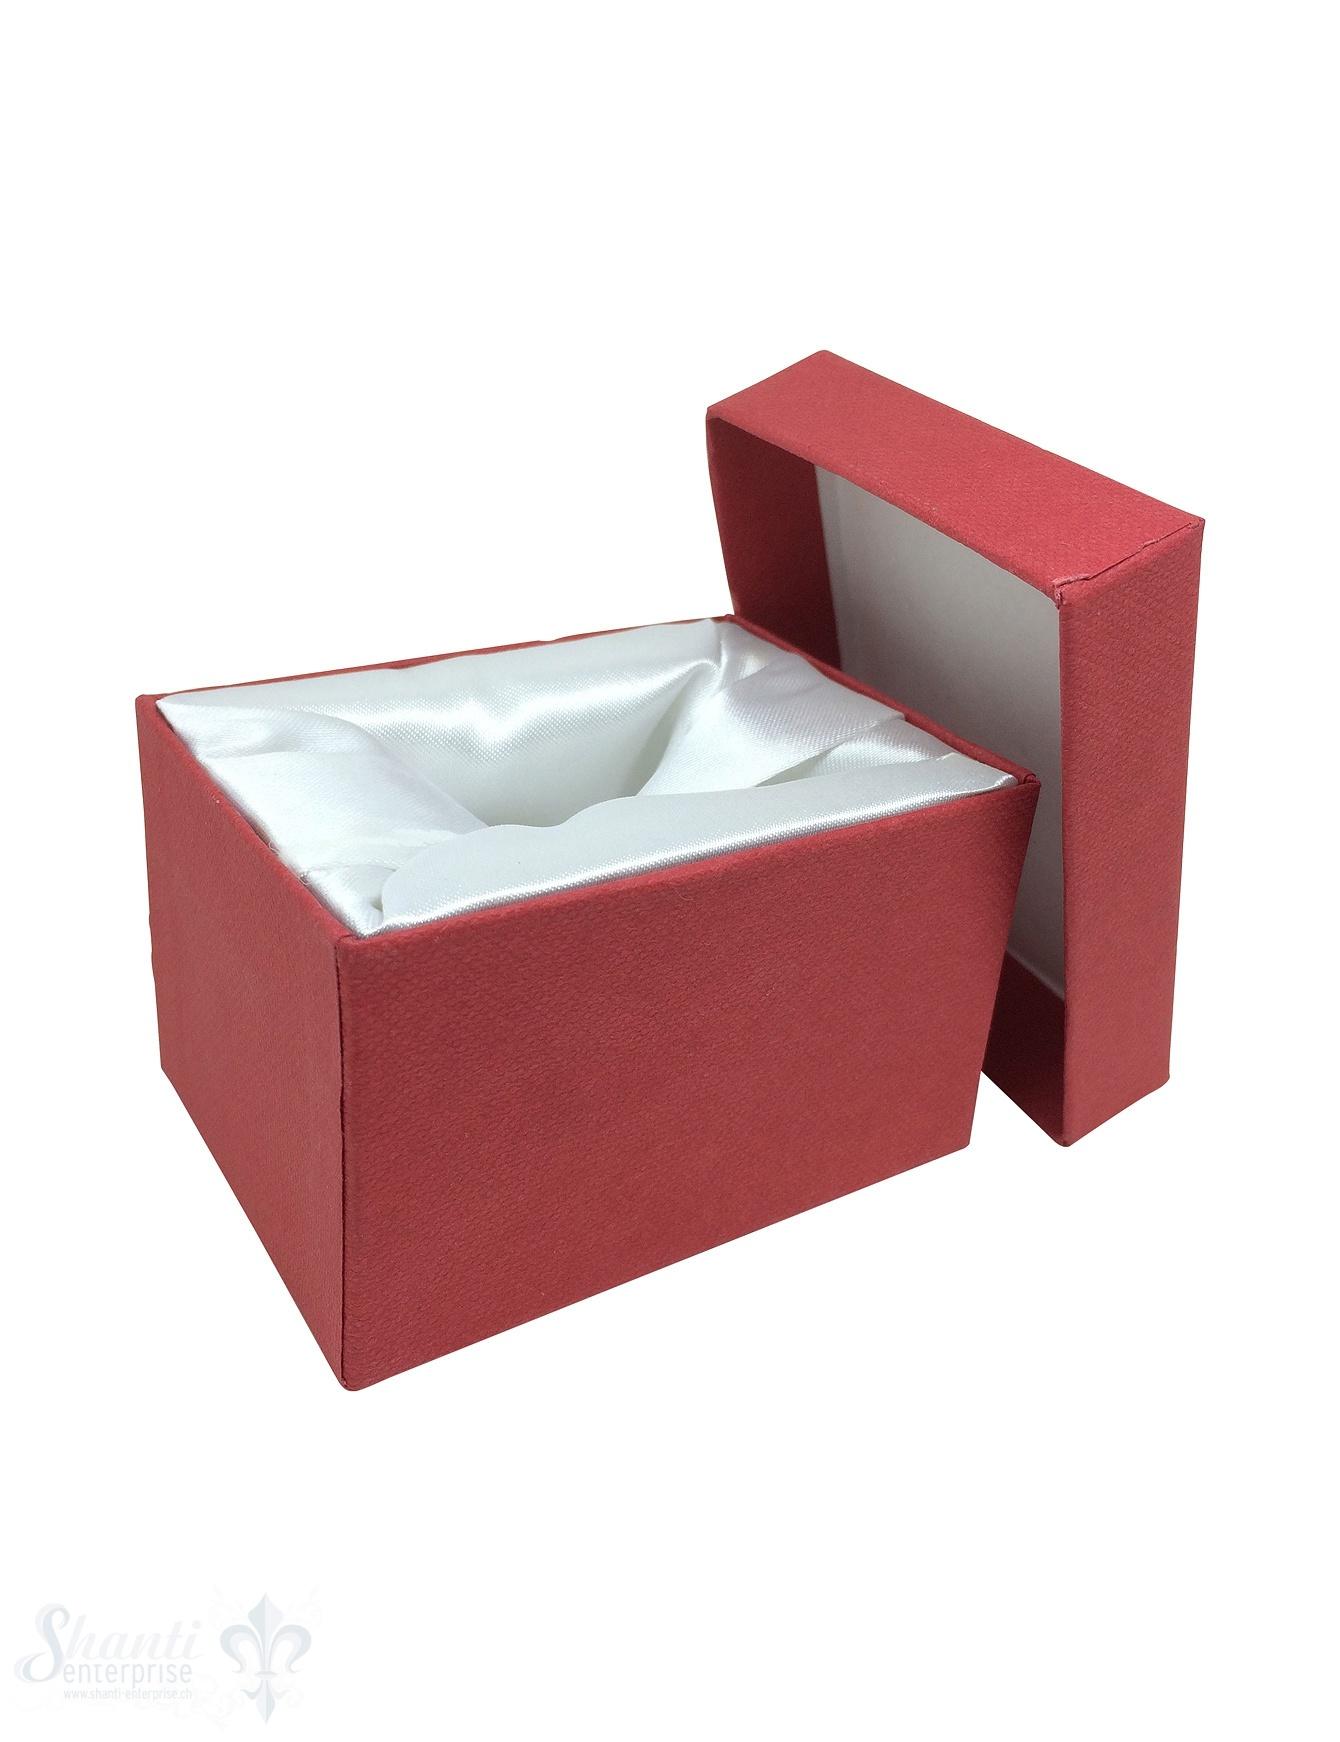 Schmuckbox rot, Karton mit Stoffauskleidung weiss 7 x 5 x 4,5 cm